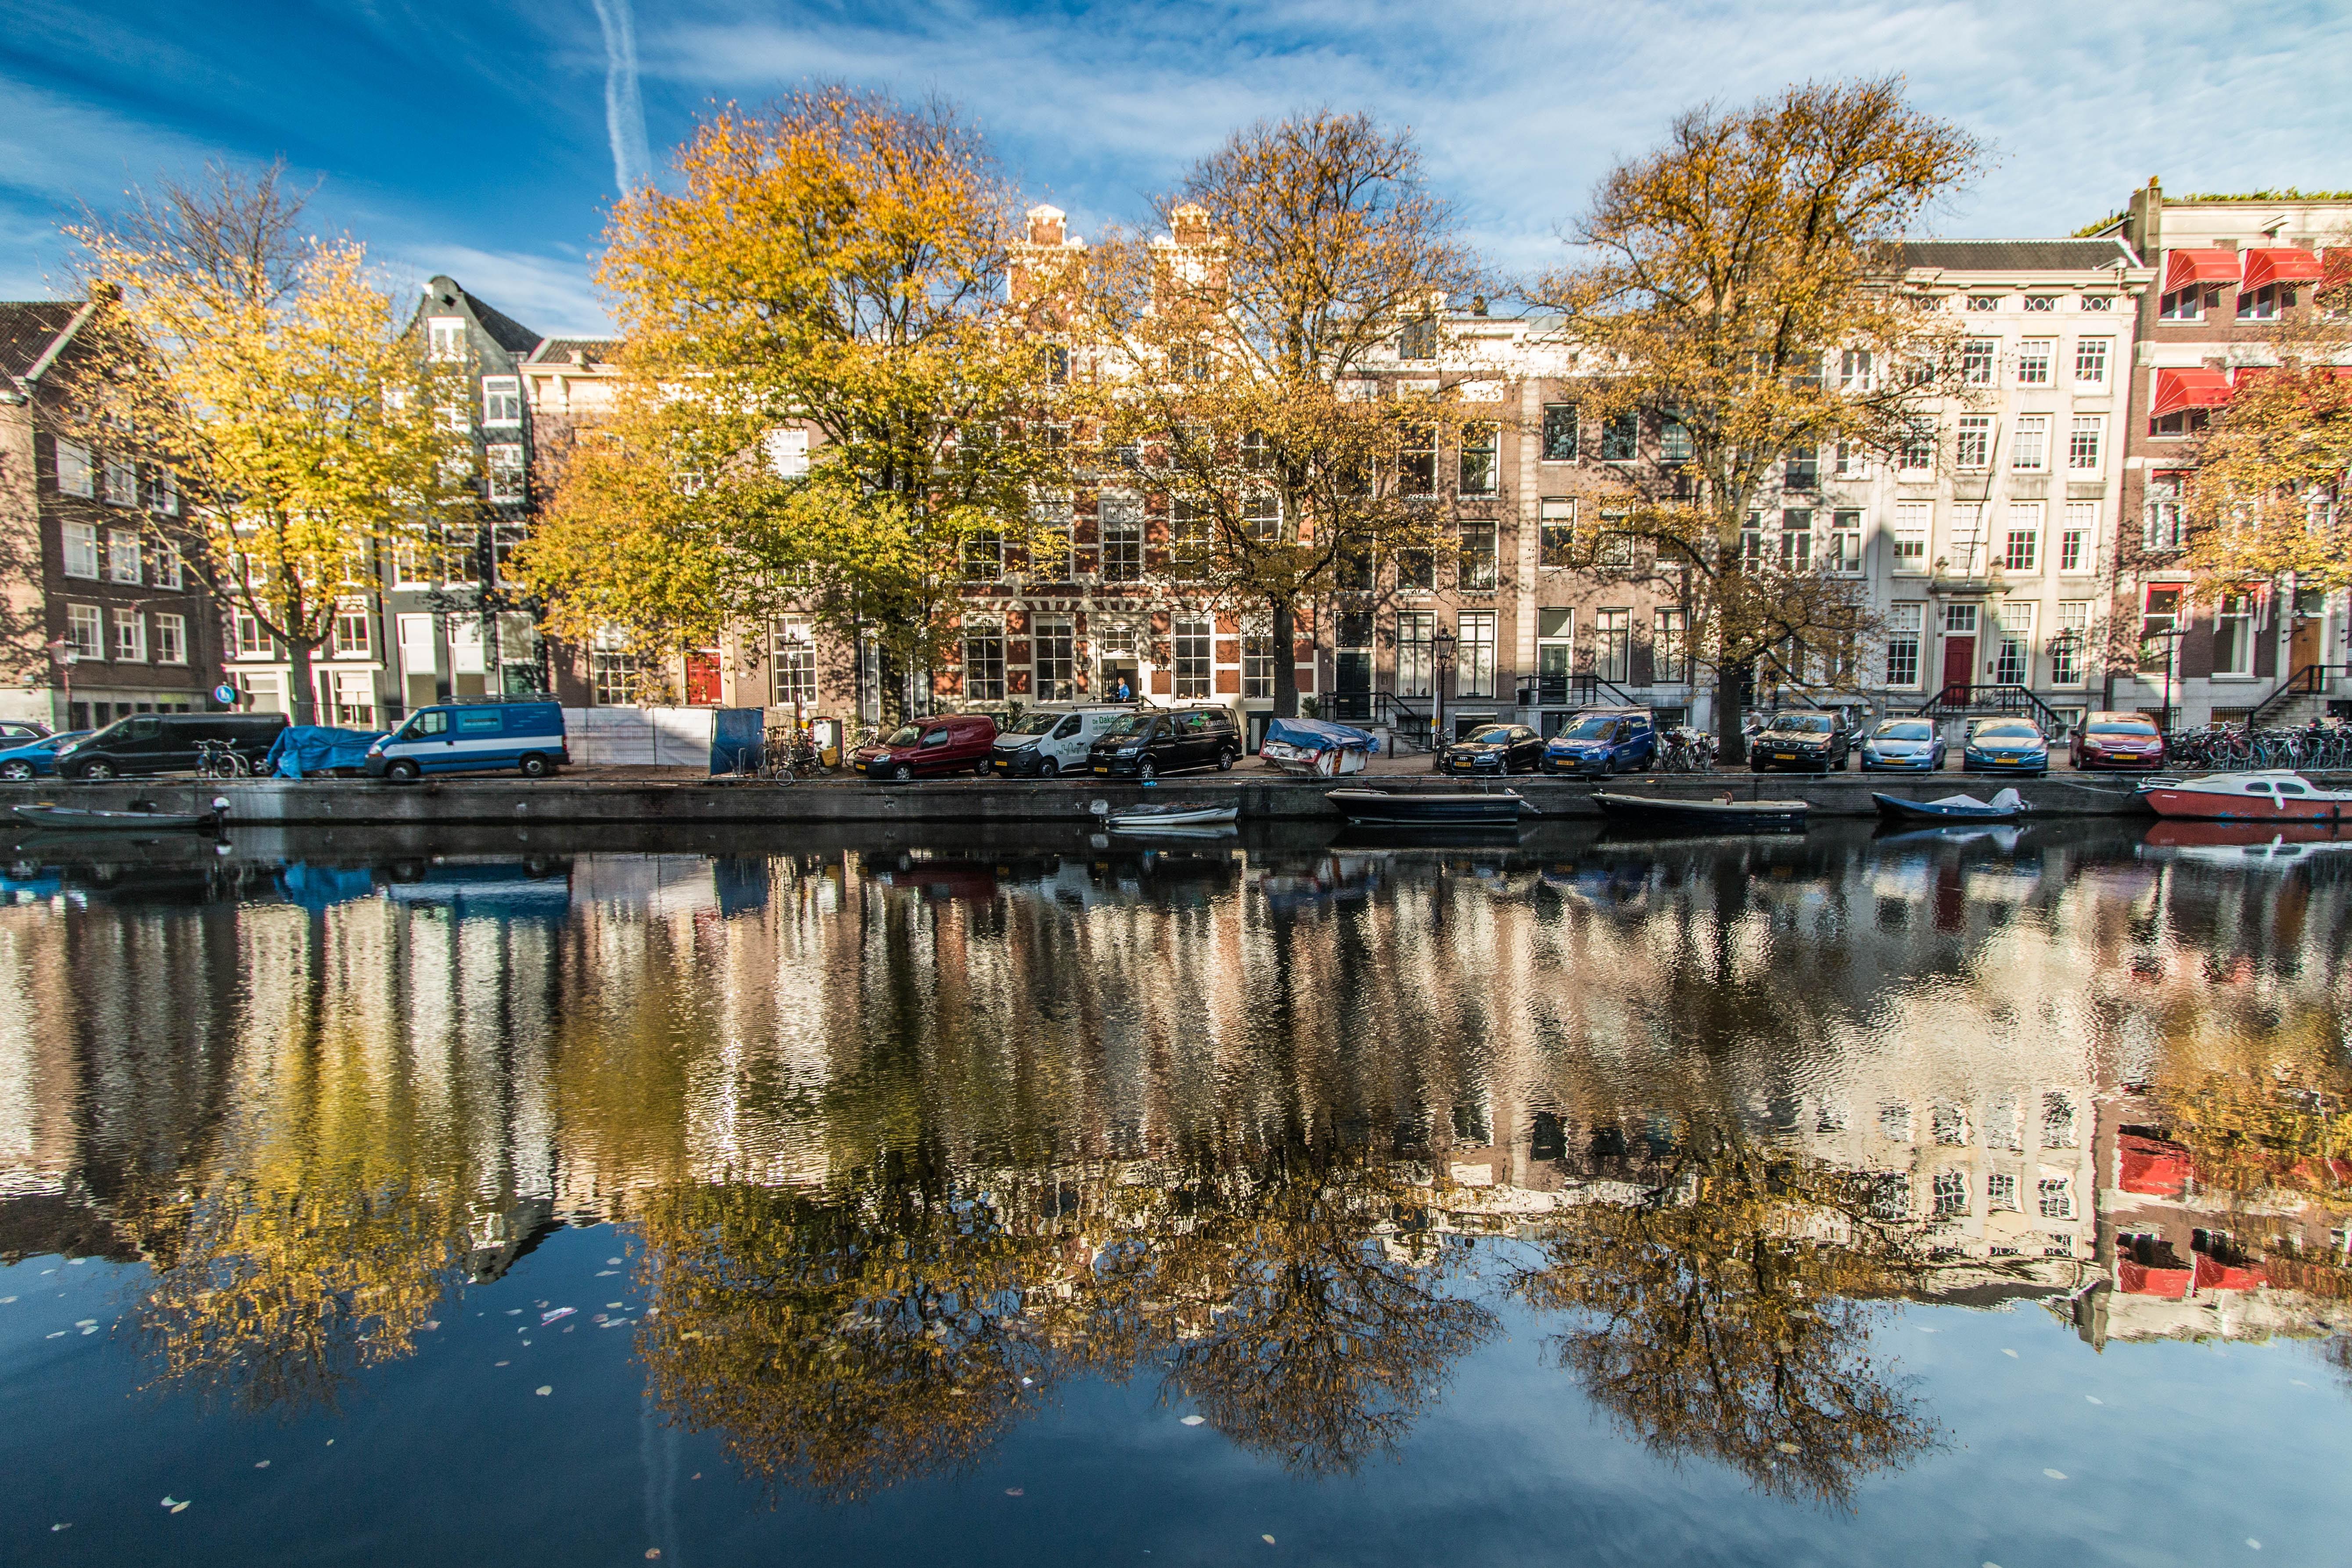 네덜란드 암스테르담 거주, 유학, 생활비용 2019